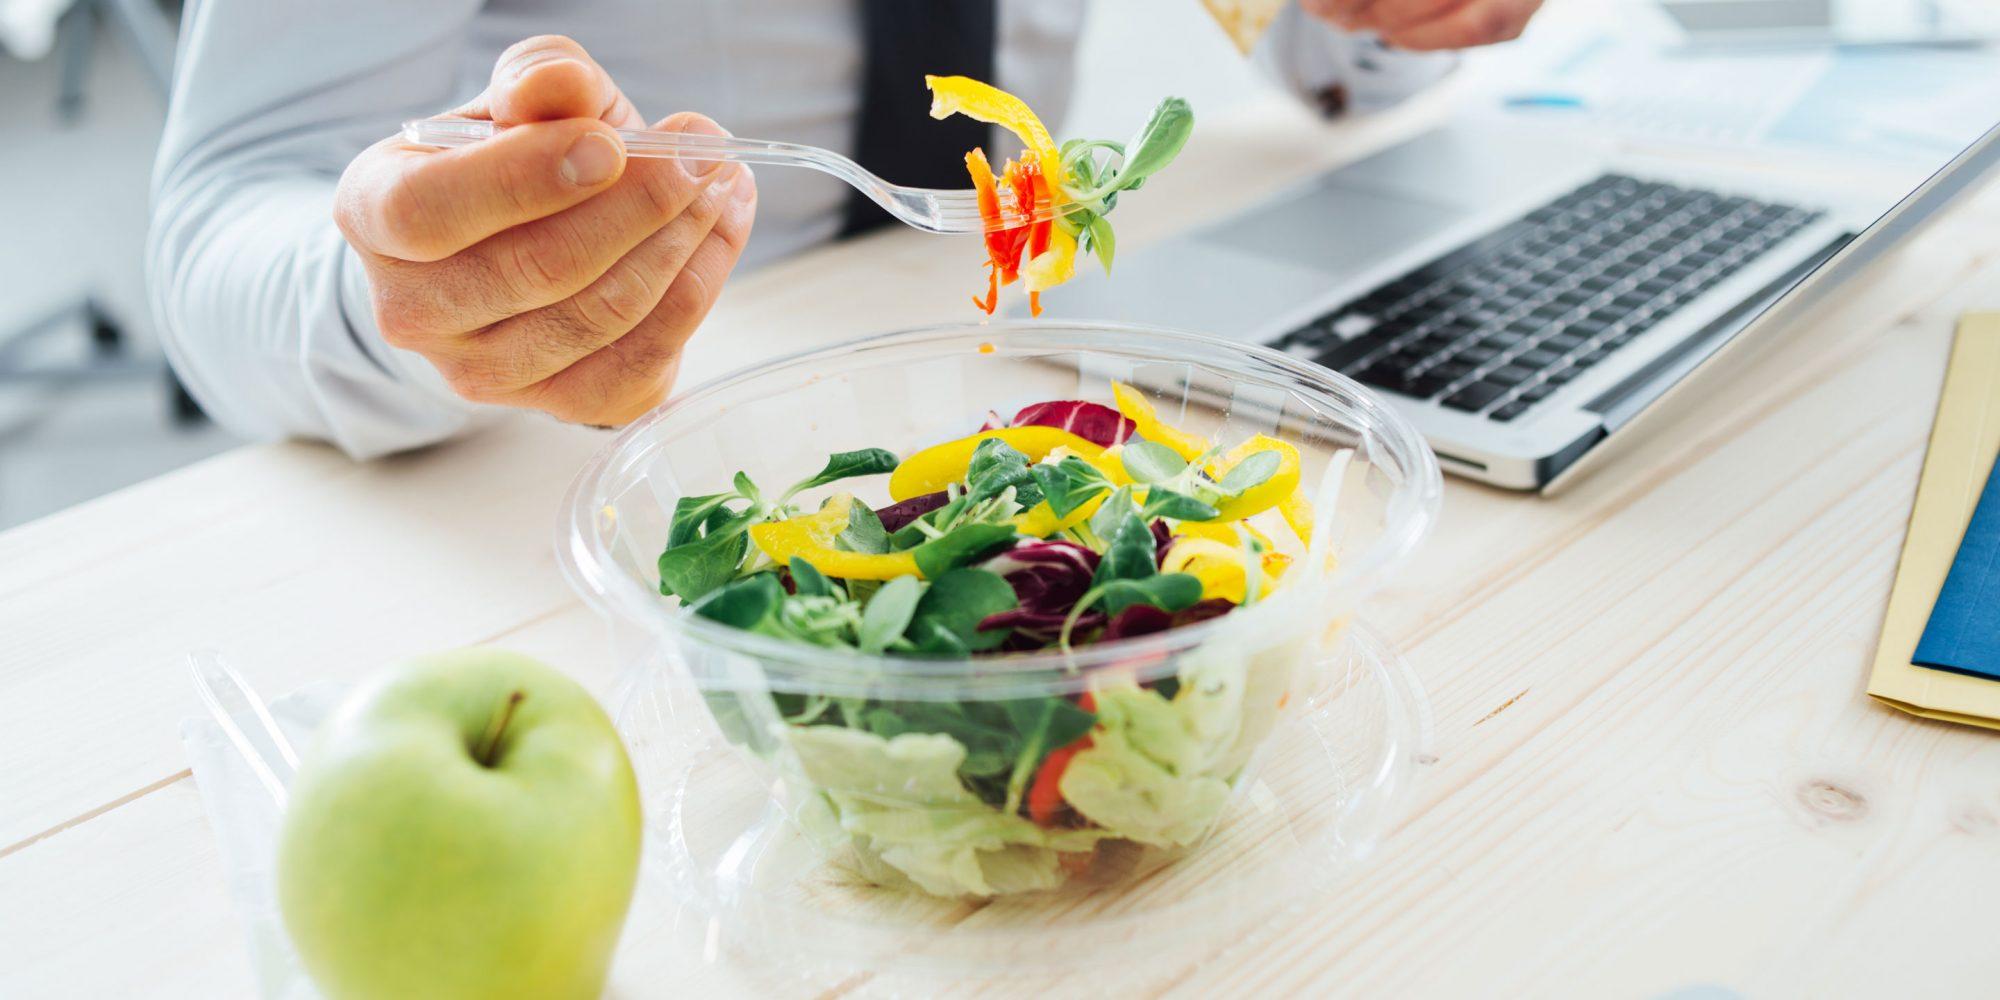 Les répercussions d'un travail cognitif (ou mental) sur notre consommation d'aliments